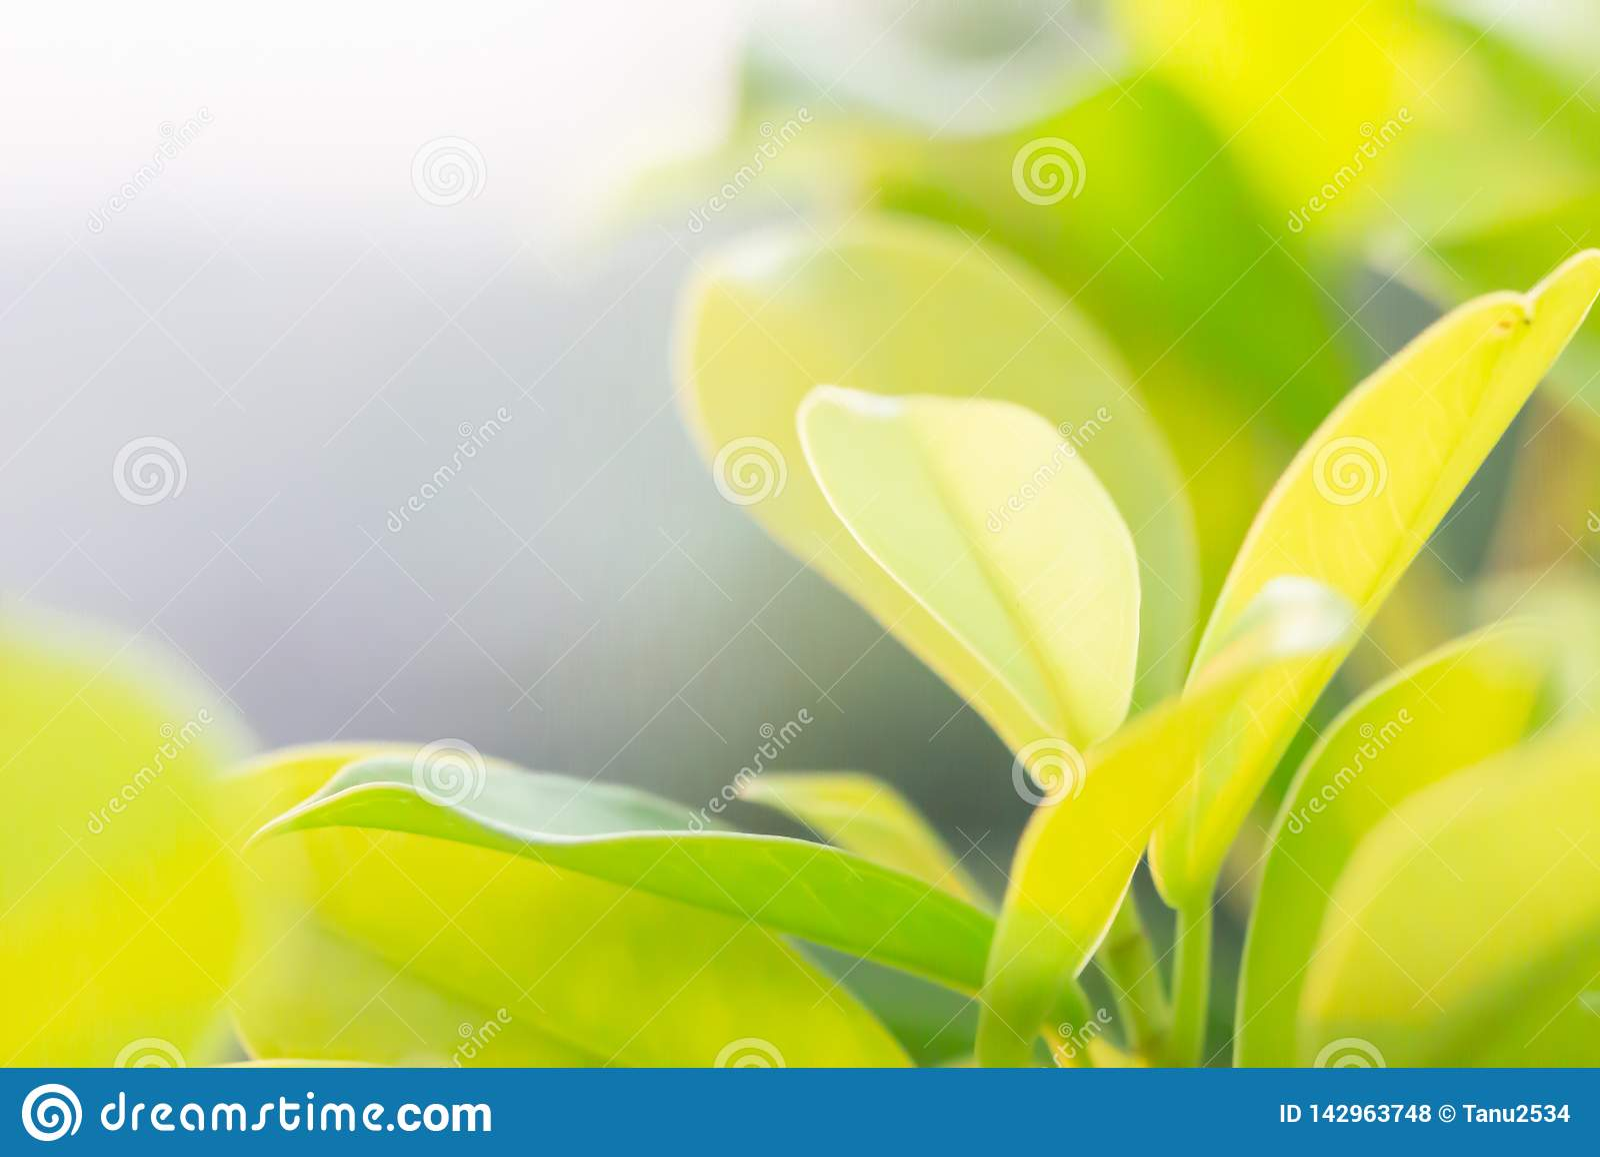 Klee-Blätter für grünen Hintergrund mit drei-leaved Shamrocks